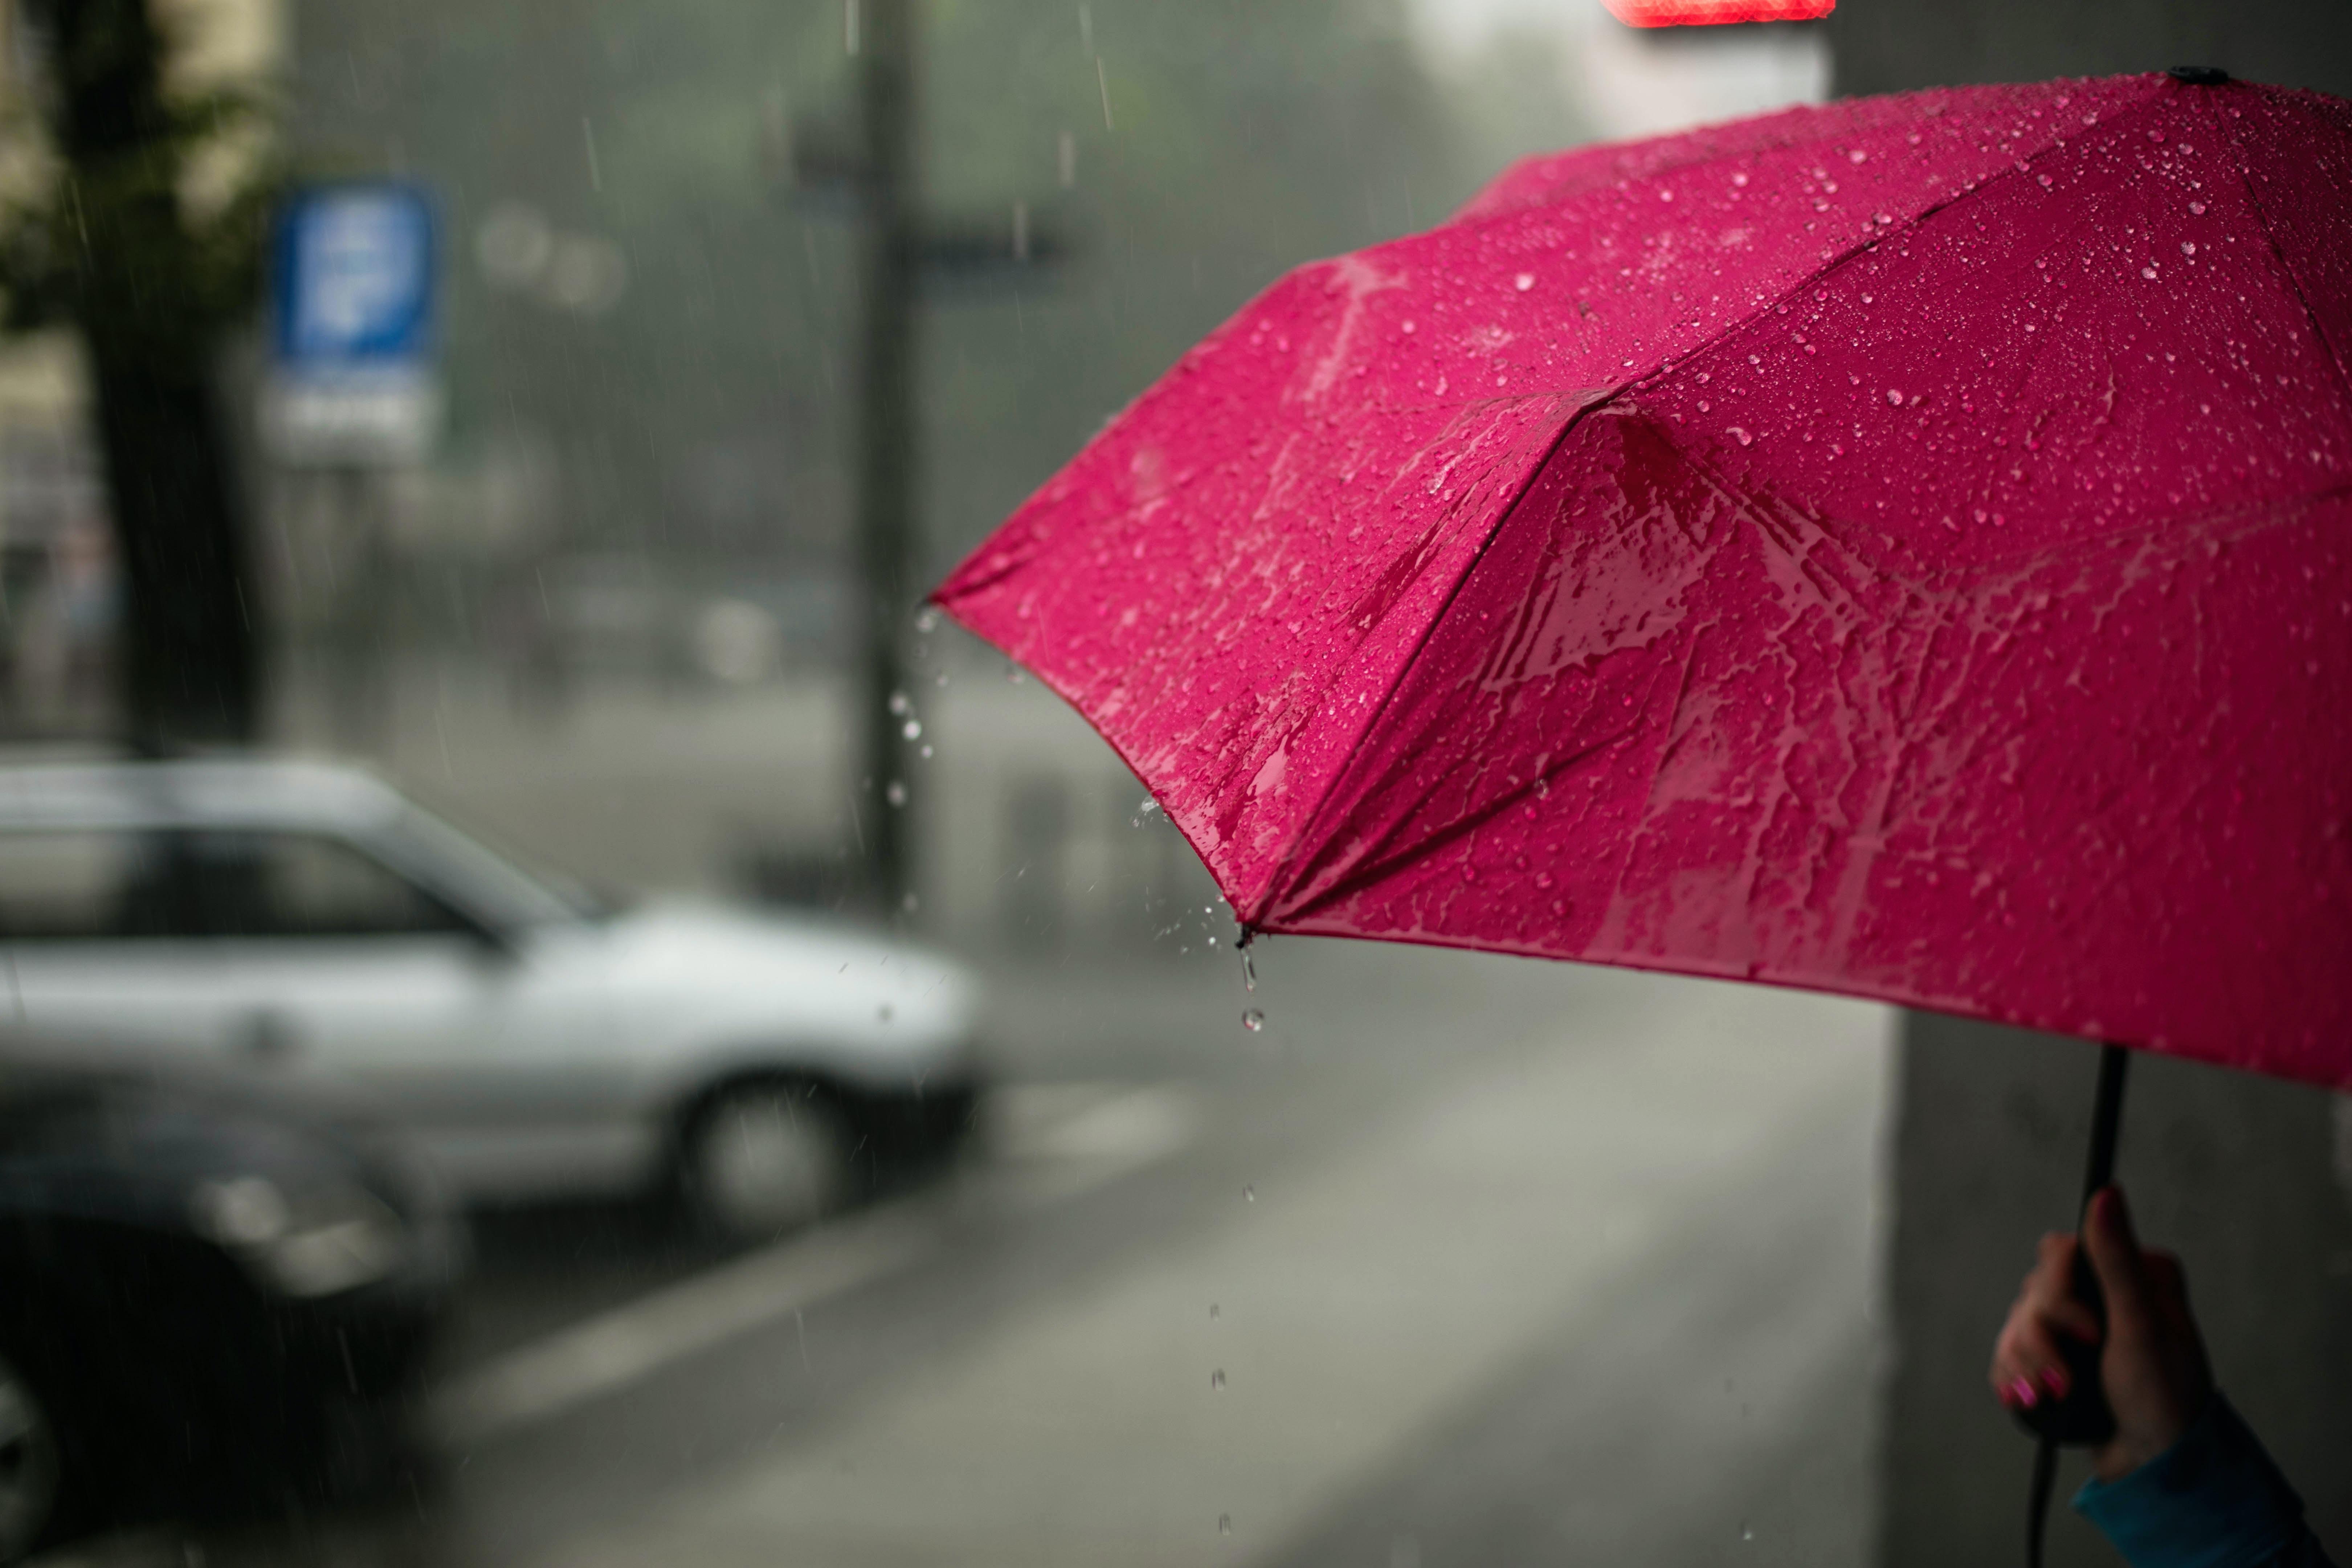 Rainy day, cozy May rain stories